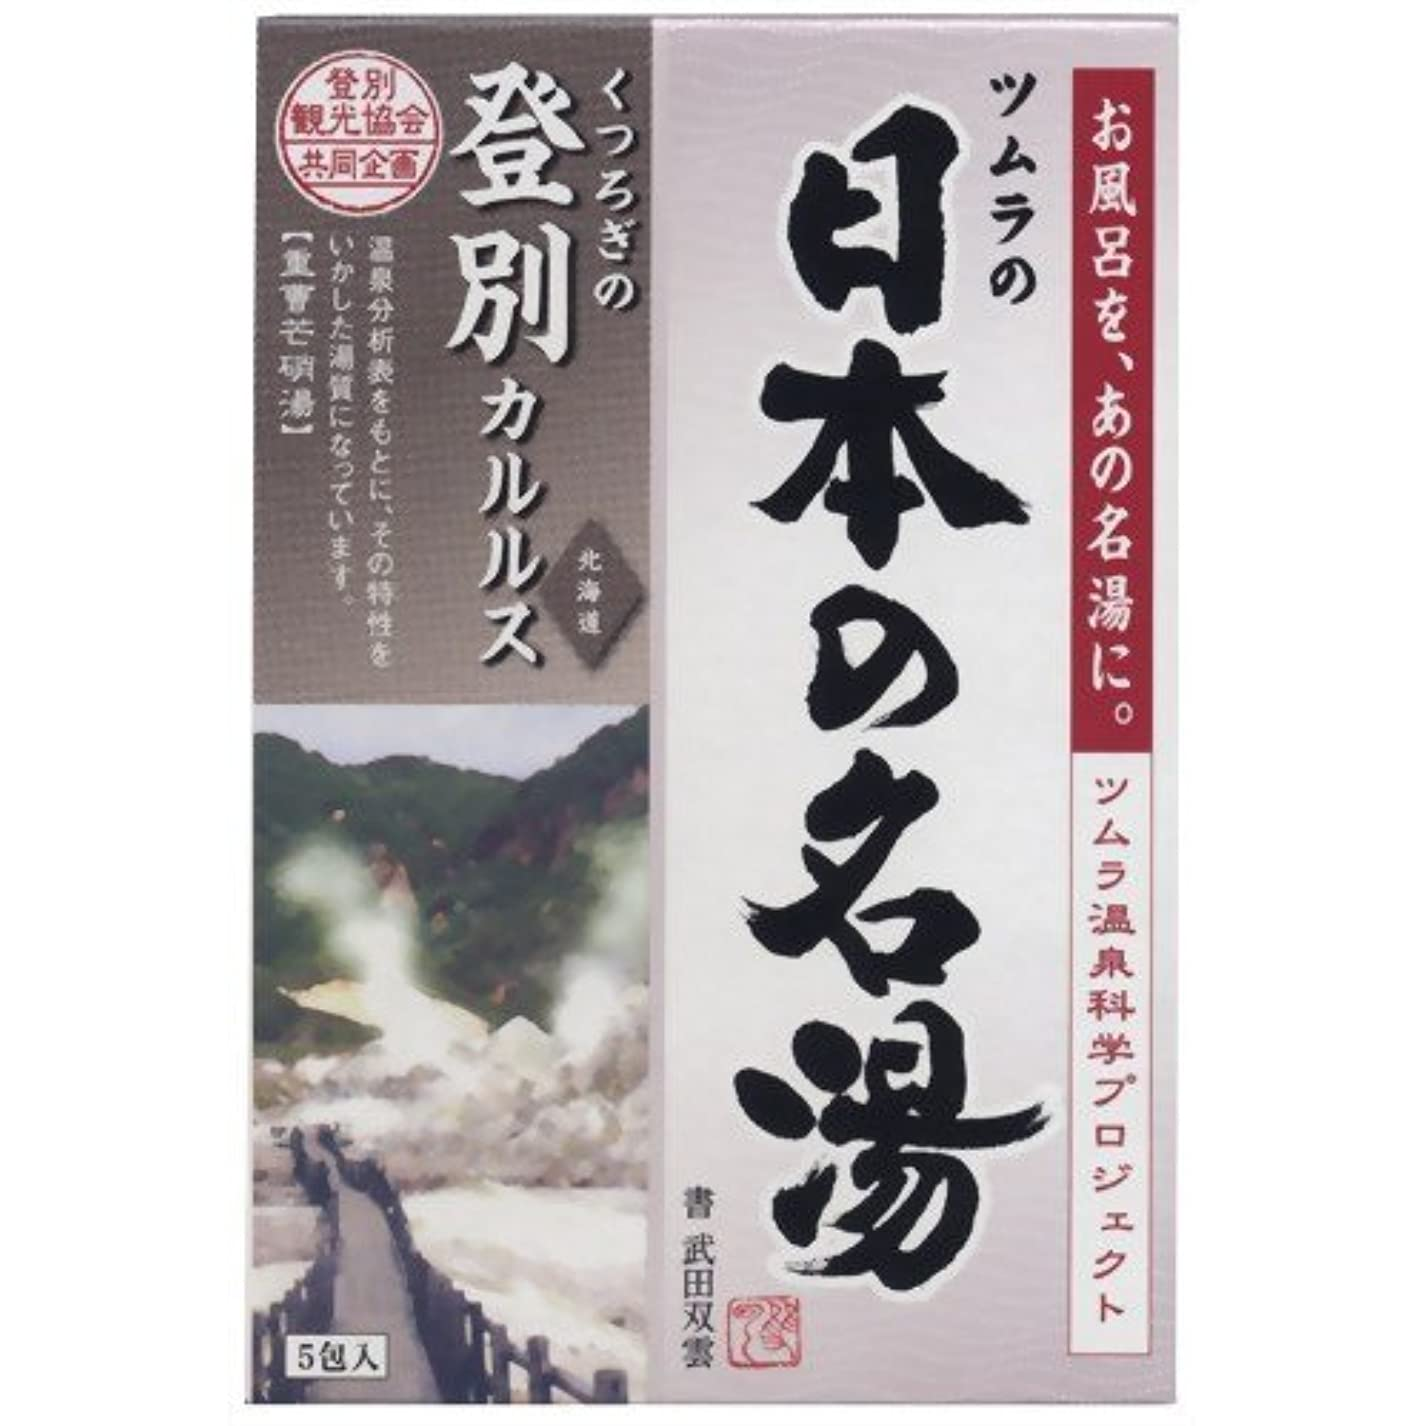 ローブヨーロッパ全能日本の名湯 登別カルルス30g 5包入り にごりタイプ 入浴剤 (医薬部外品) × 5個セット